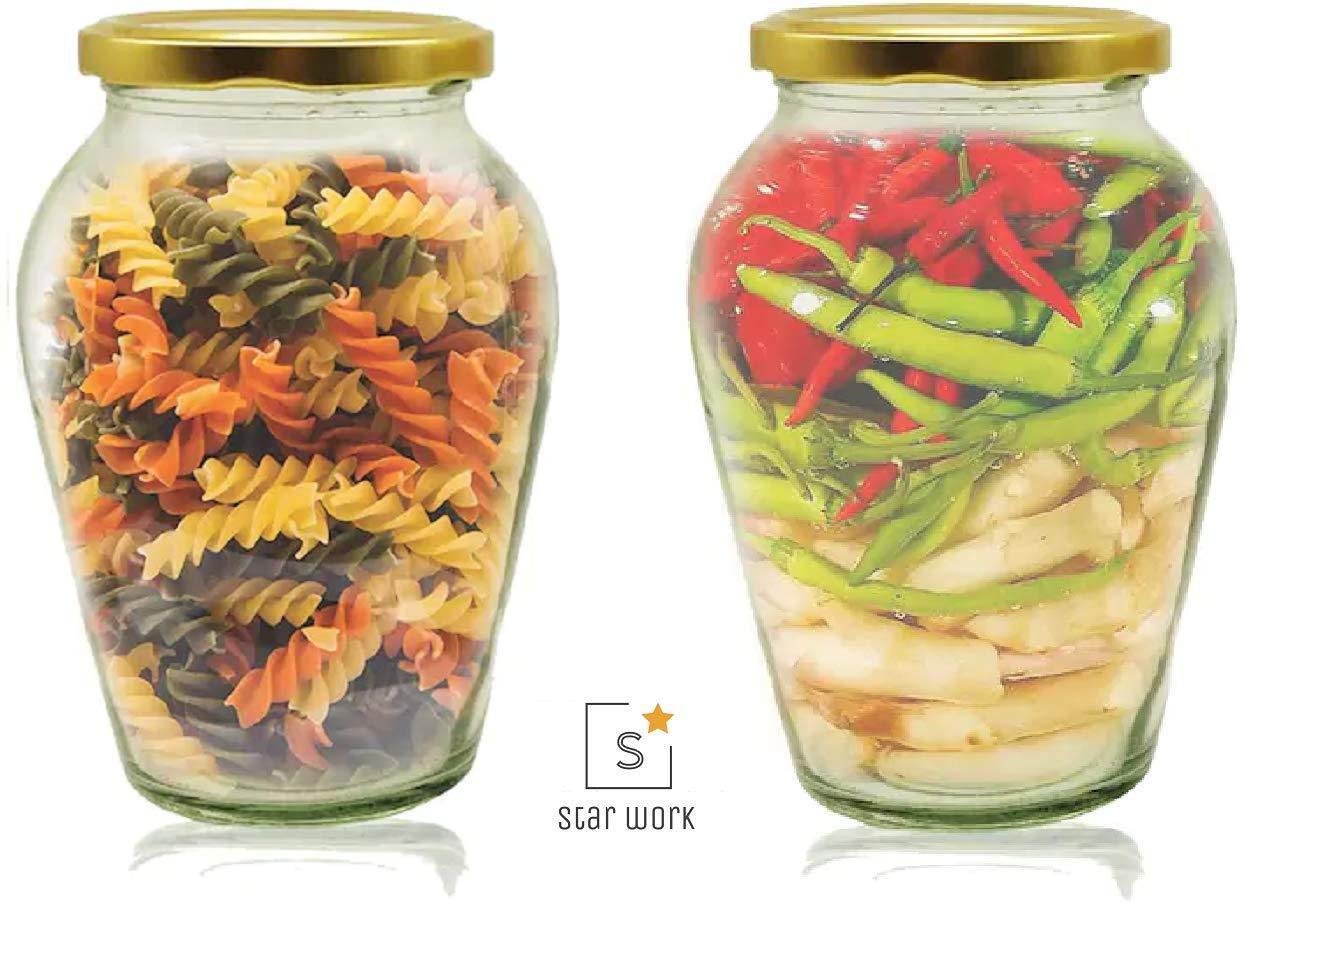 Amazon price history for 1000 ML Big Pot Glass Jar for Pickle Storage Dried Masla,Grocery,Grain Storage Jar (2)